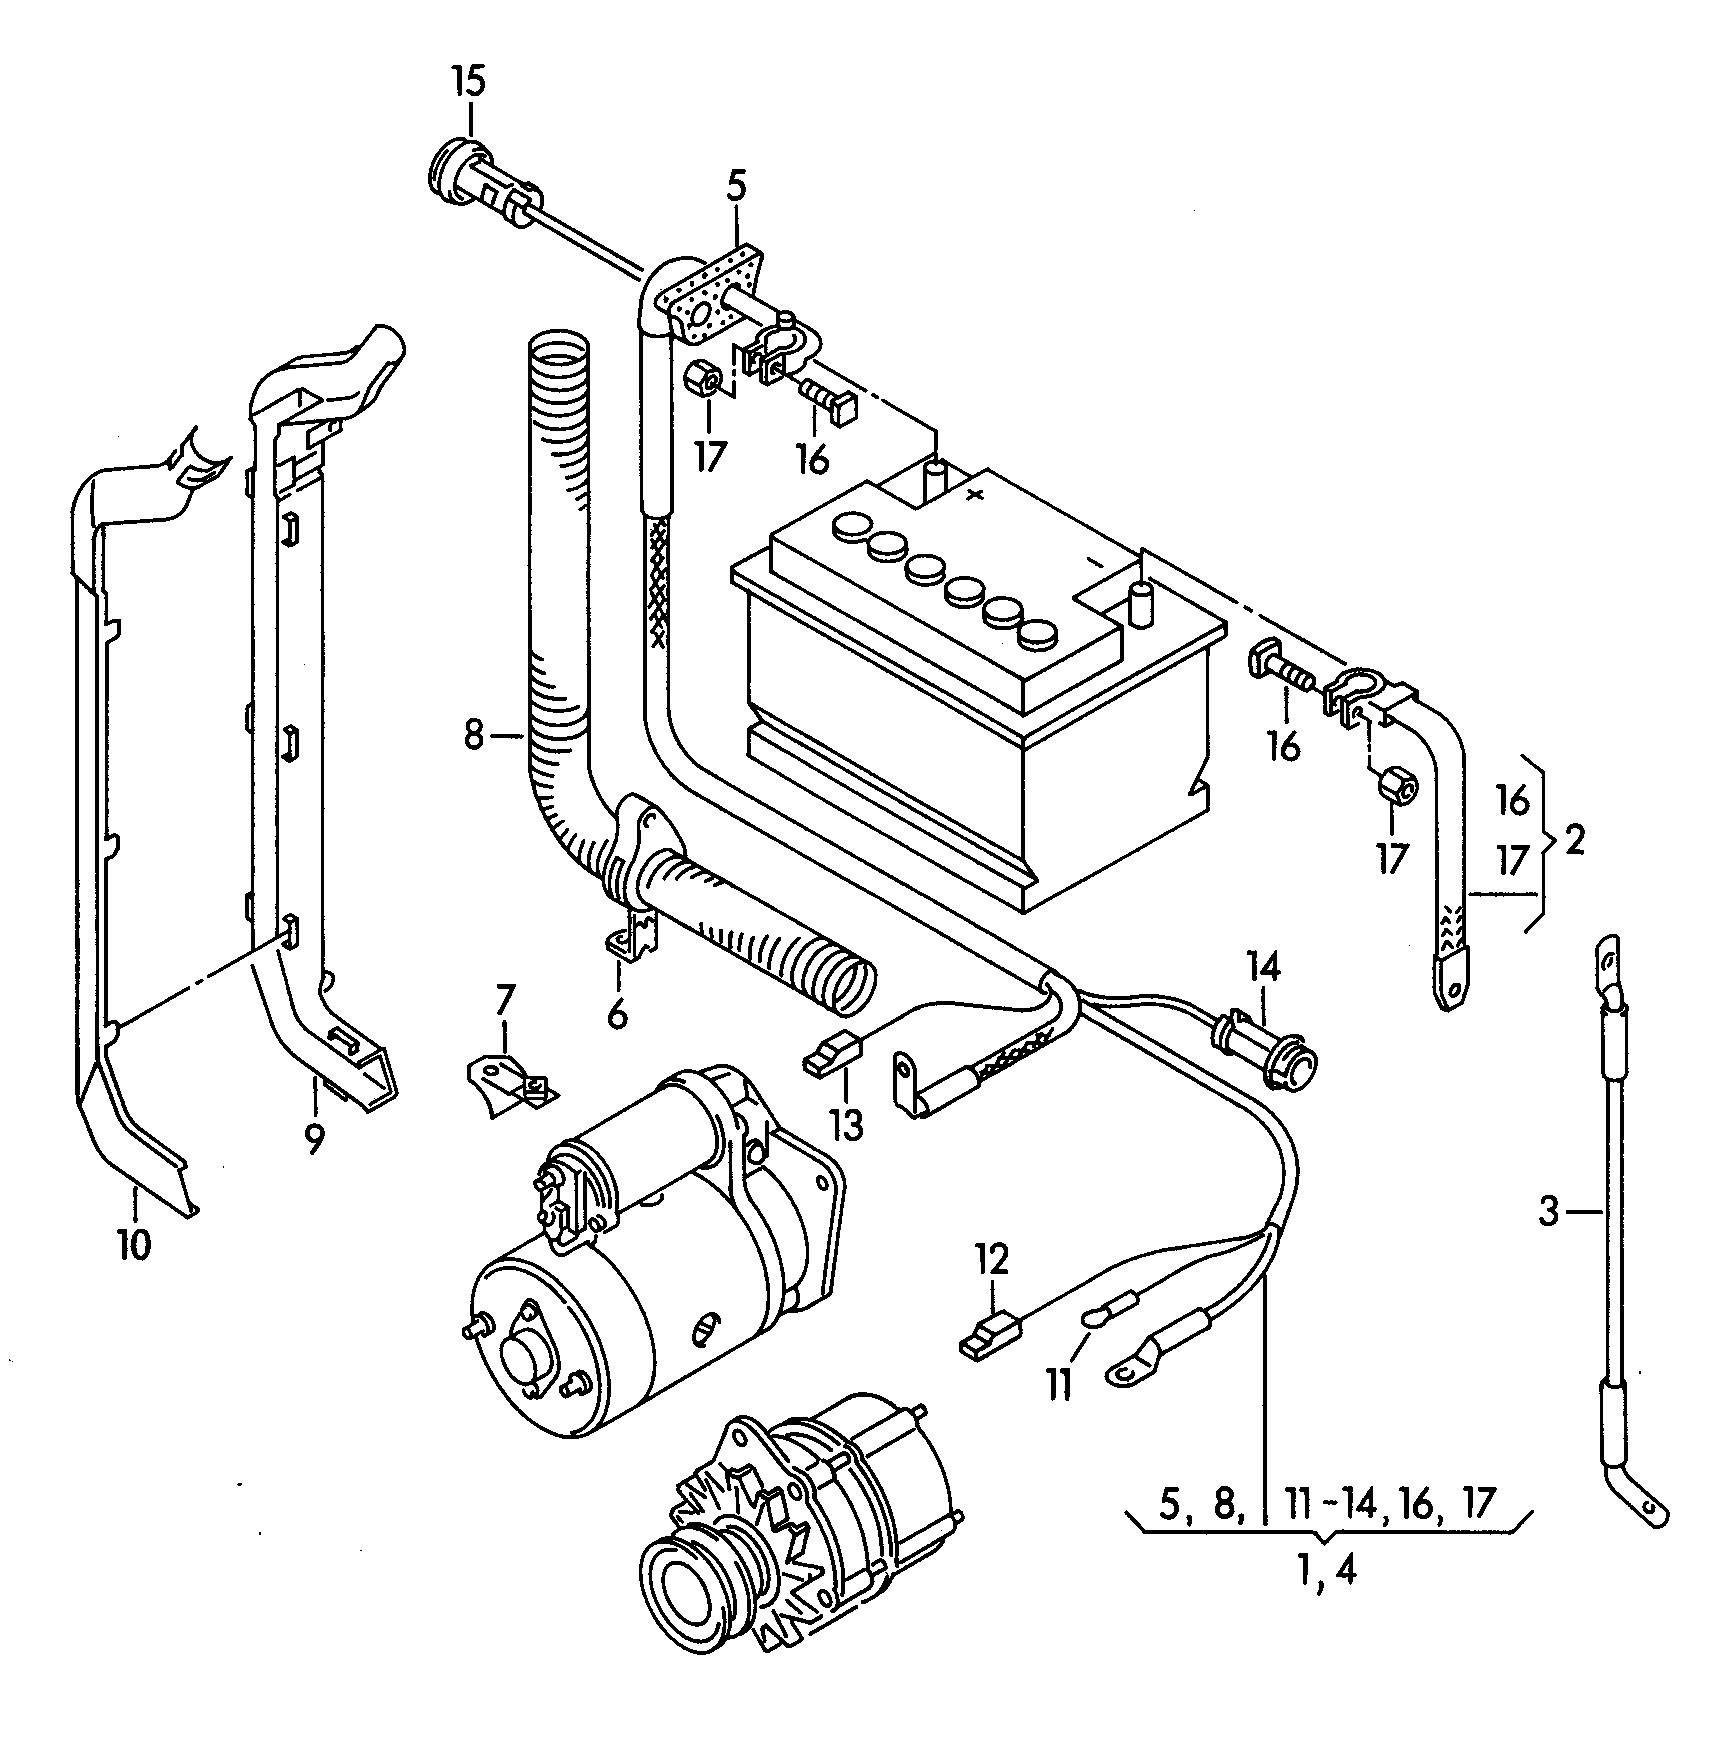 Audi 80 Avant RS2 quattro (1994 - 1996) / VAG Etka